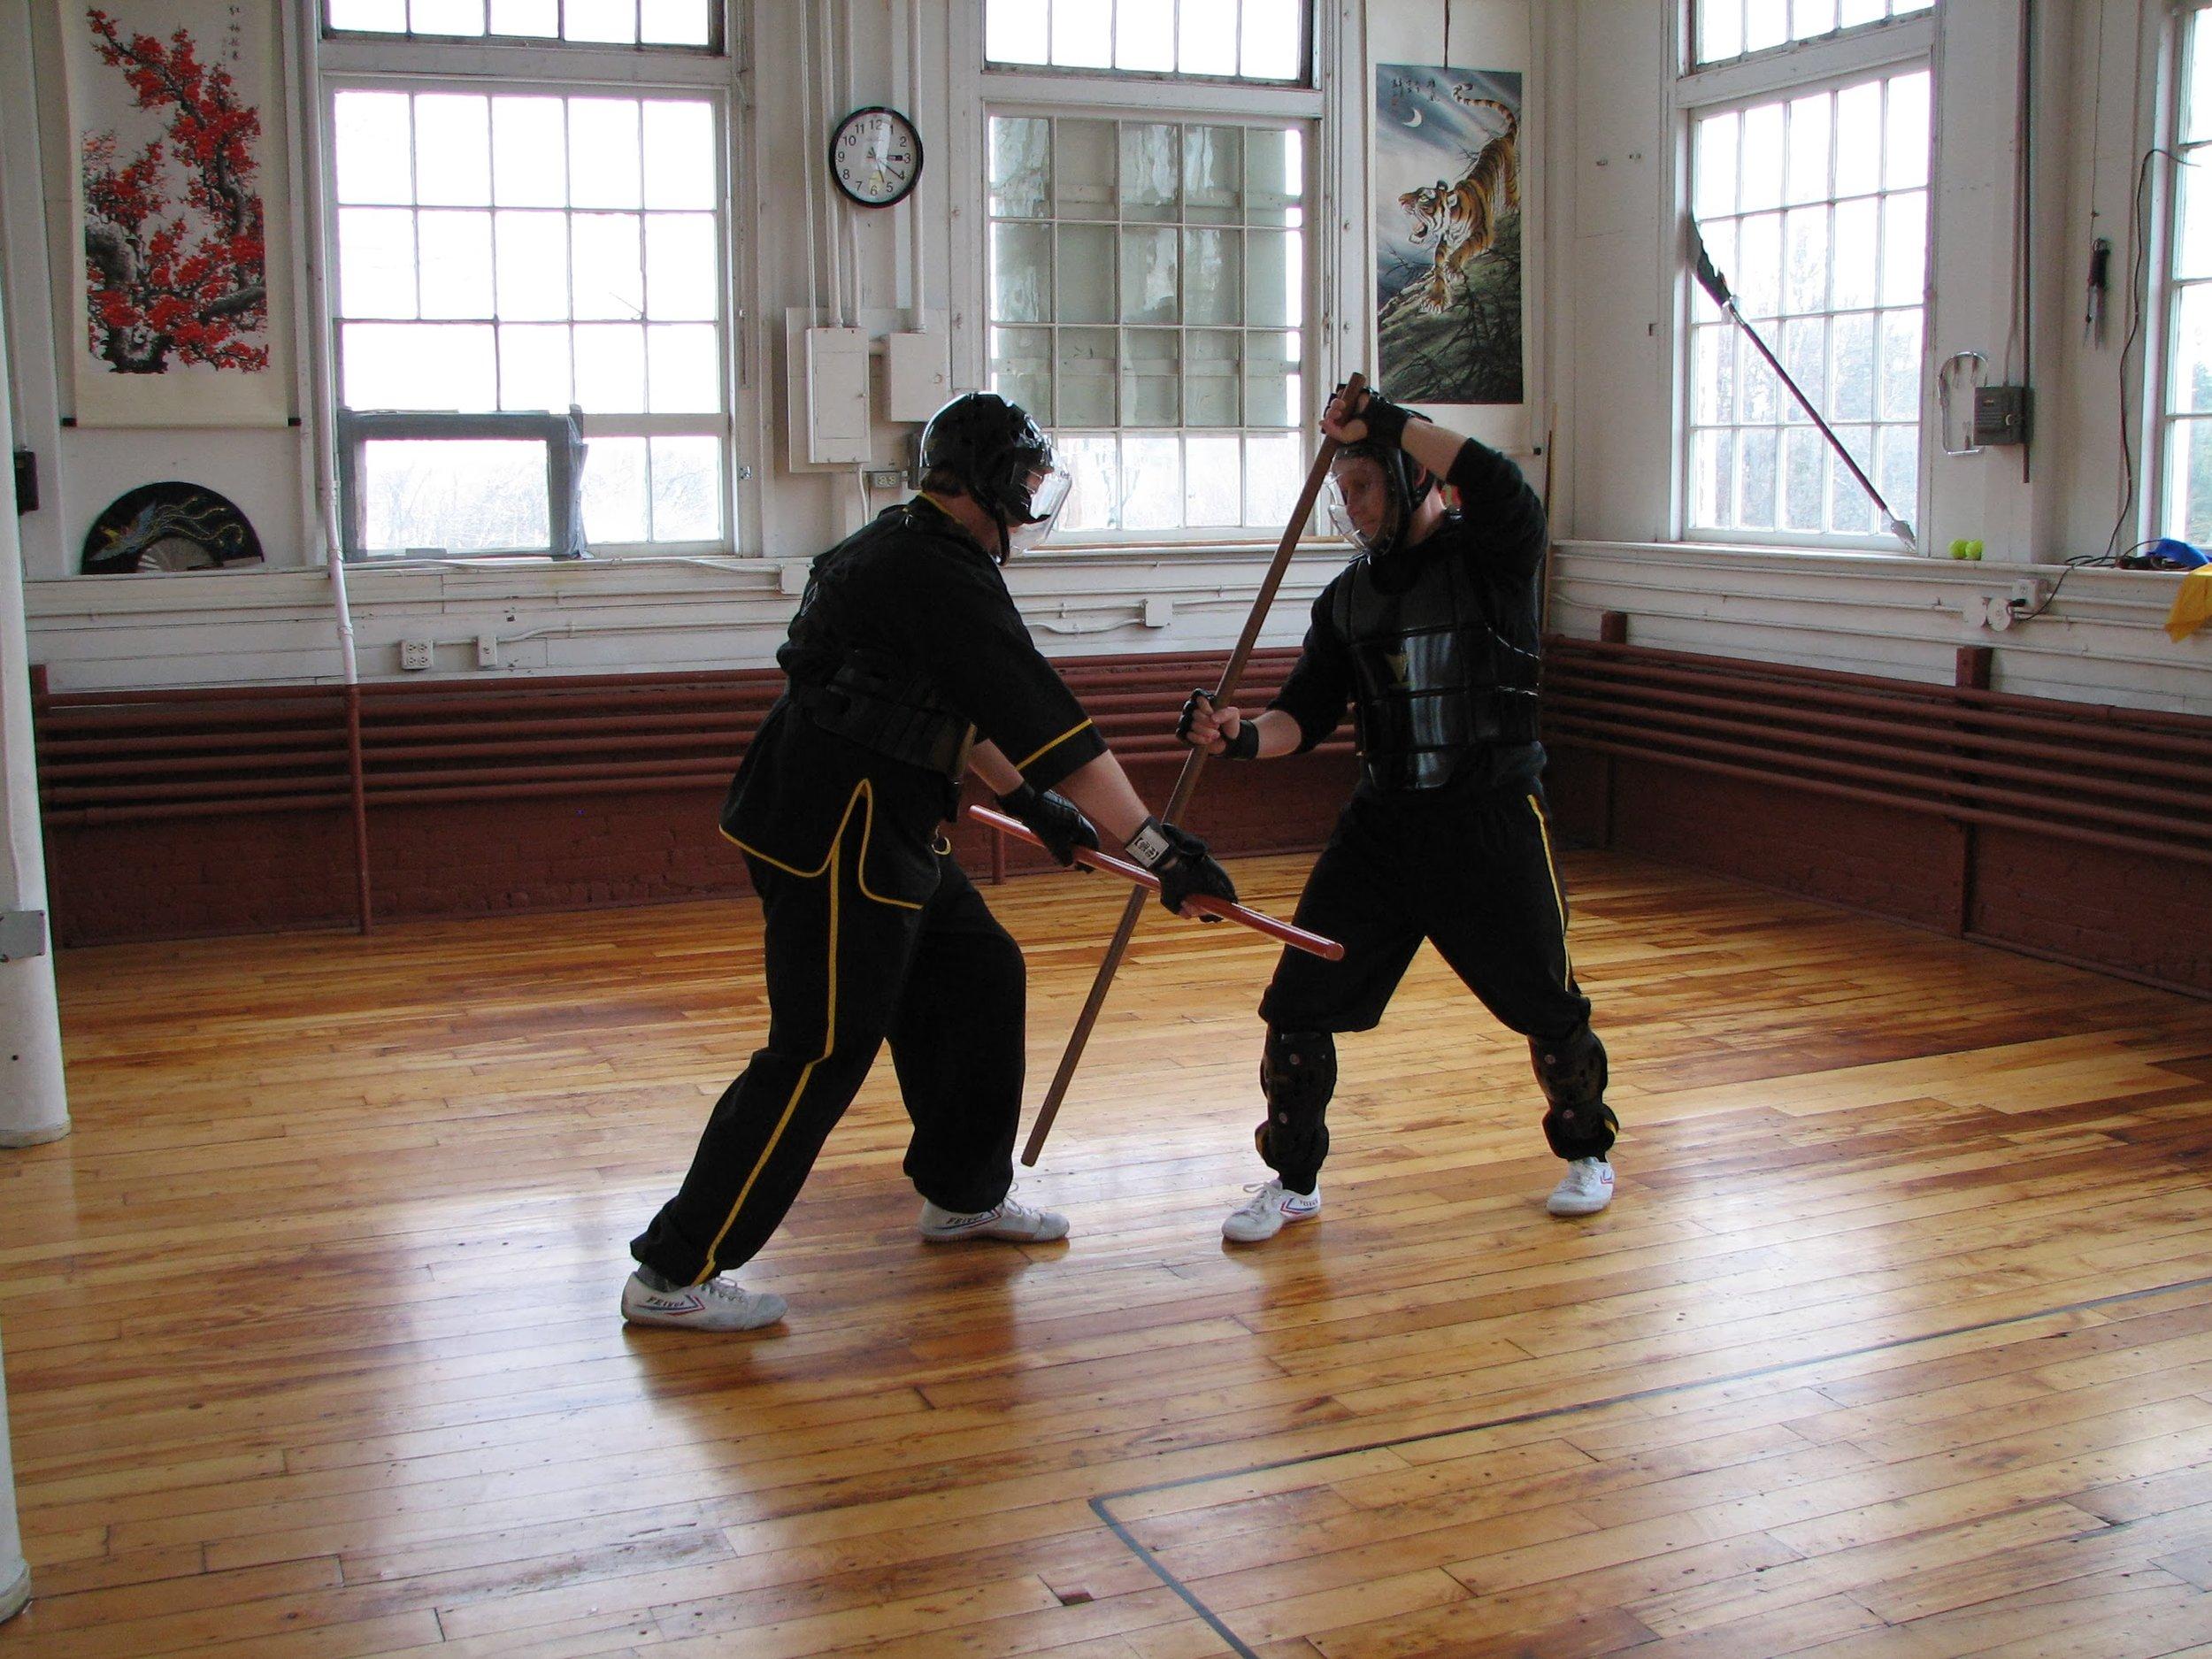 Staff vs Staff - circa 2006